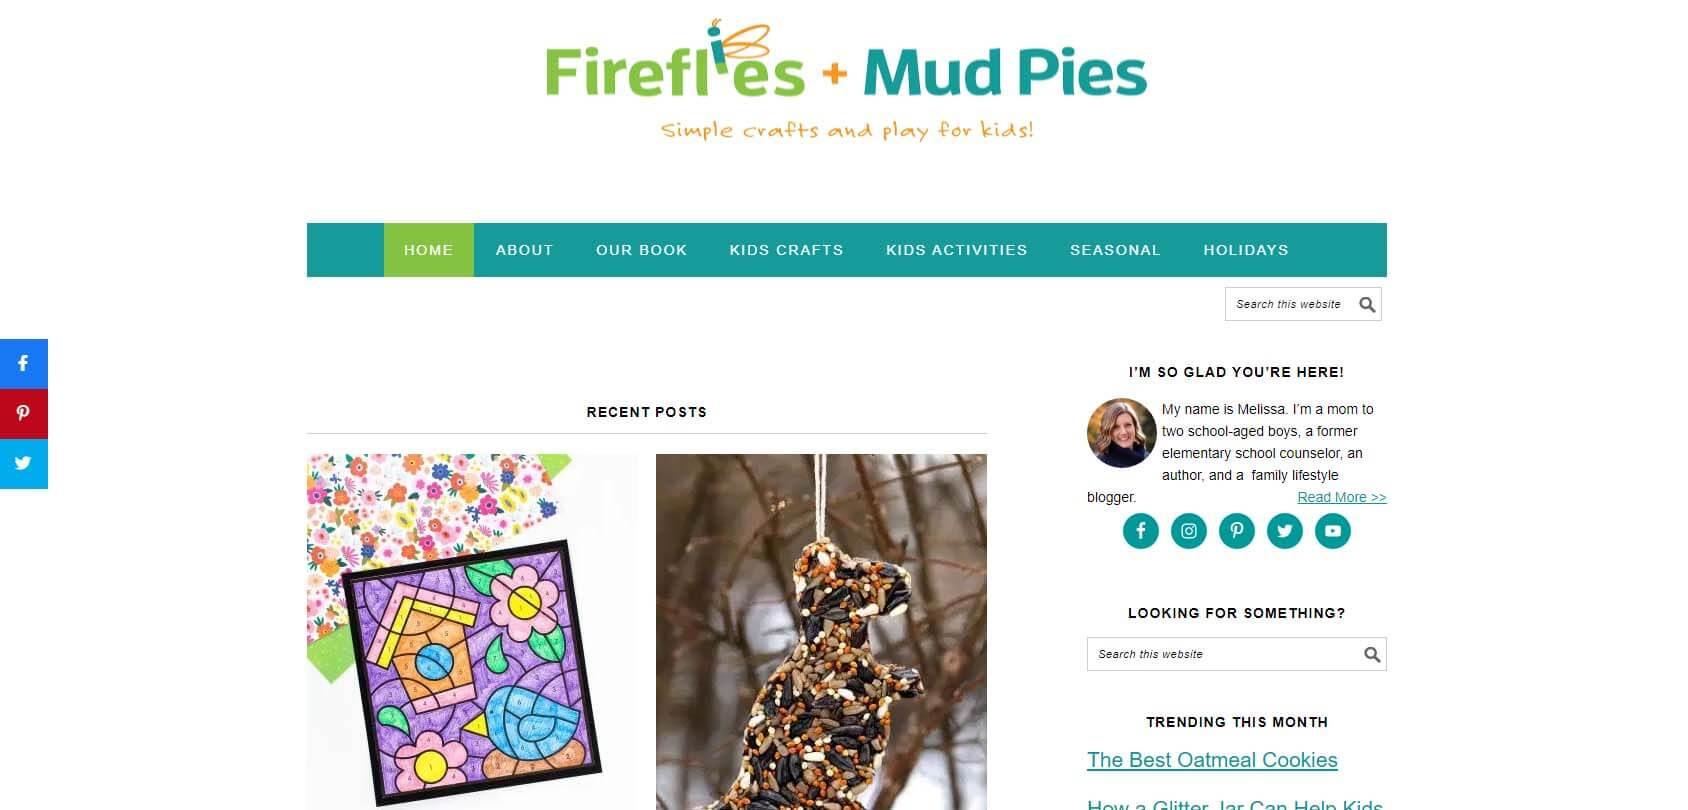 Fireflies & Mudpies Homepage